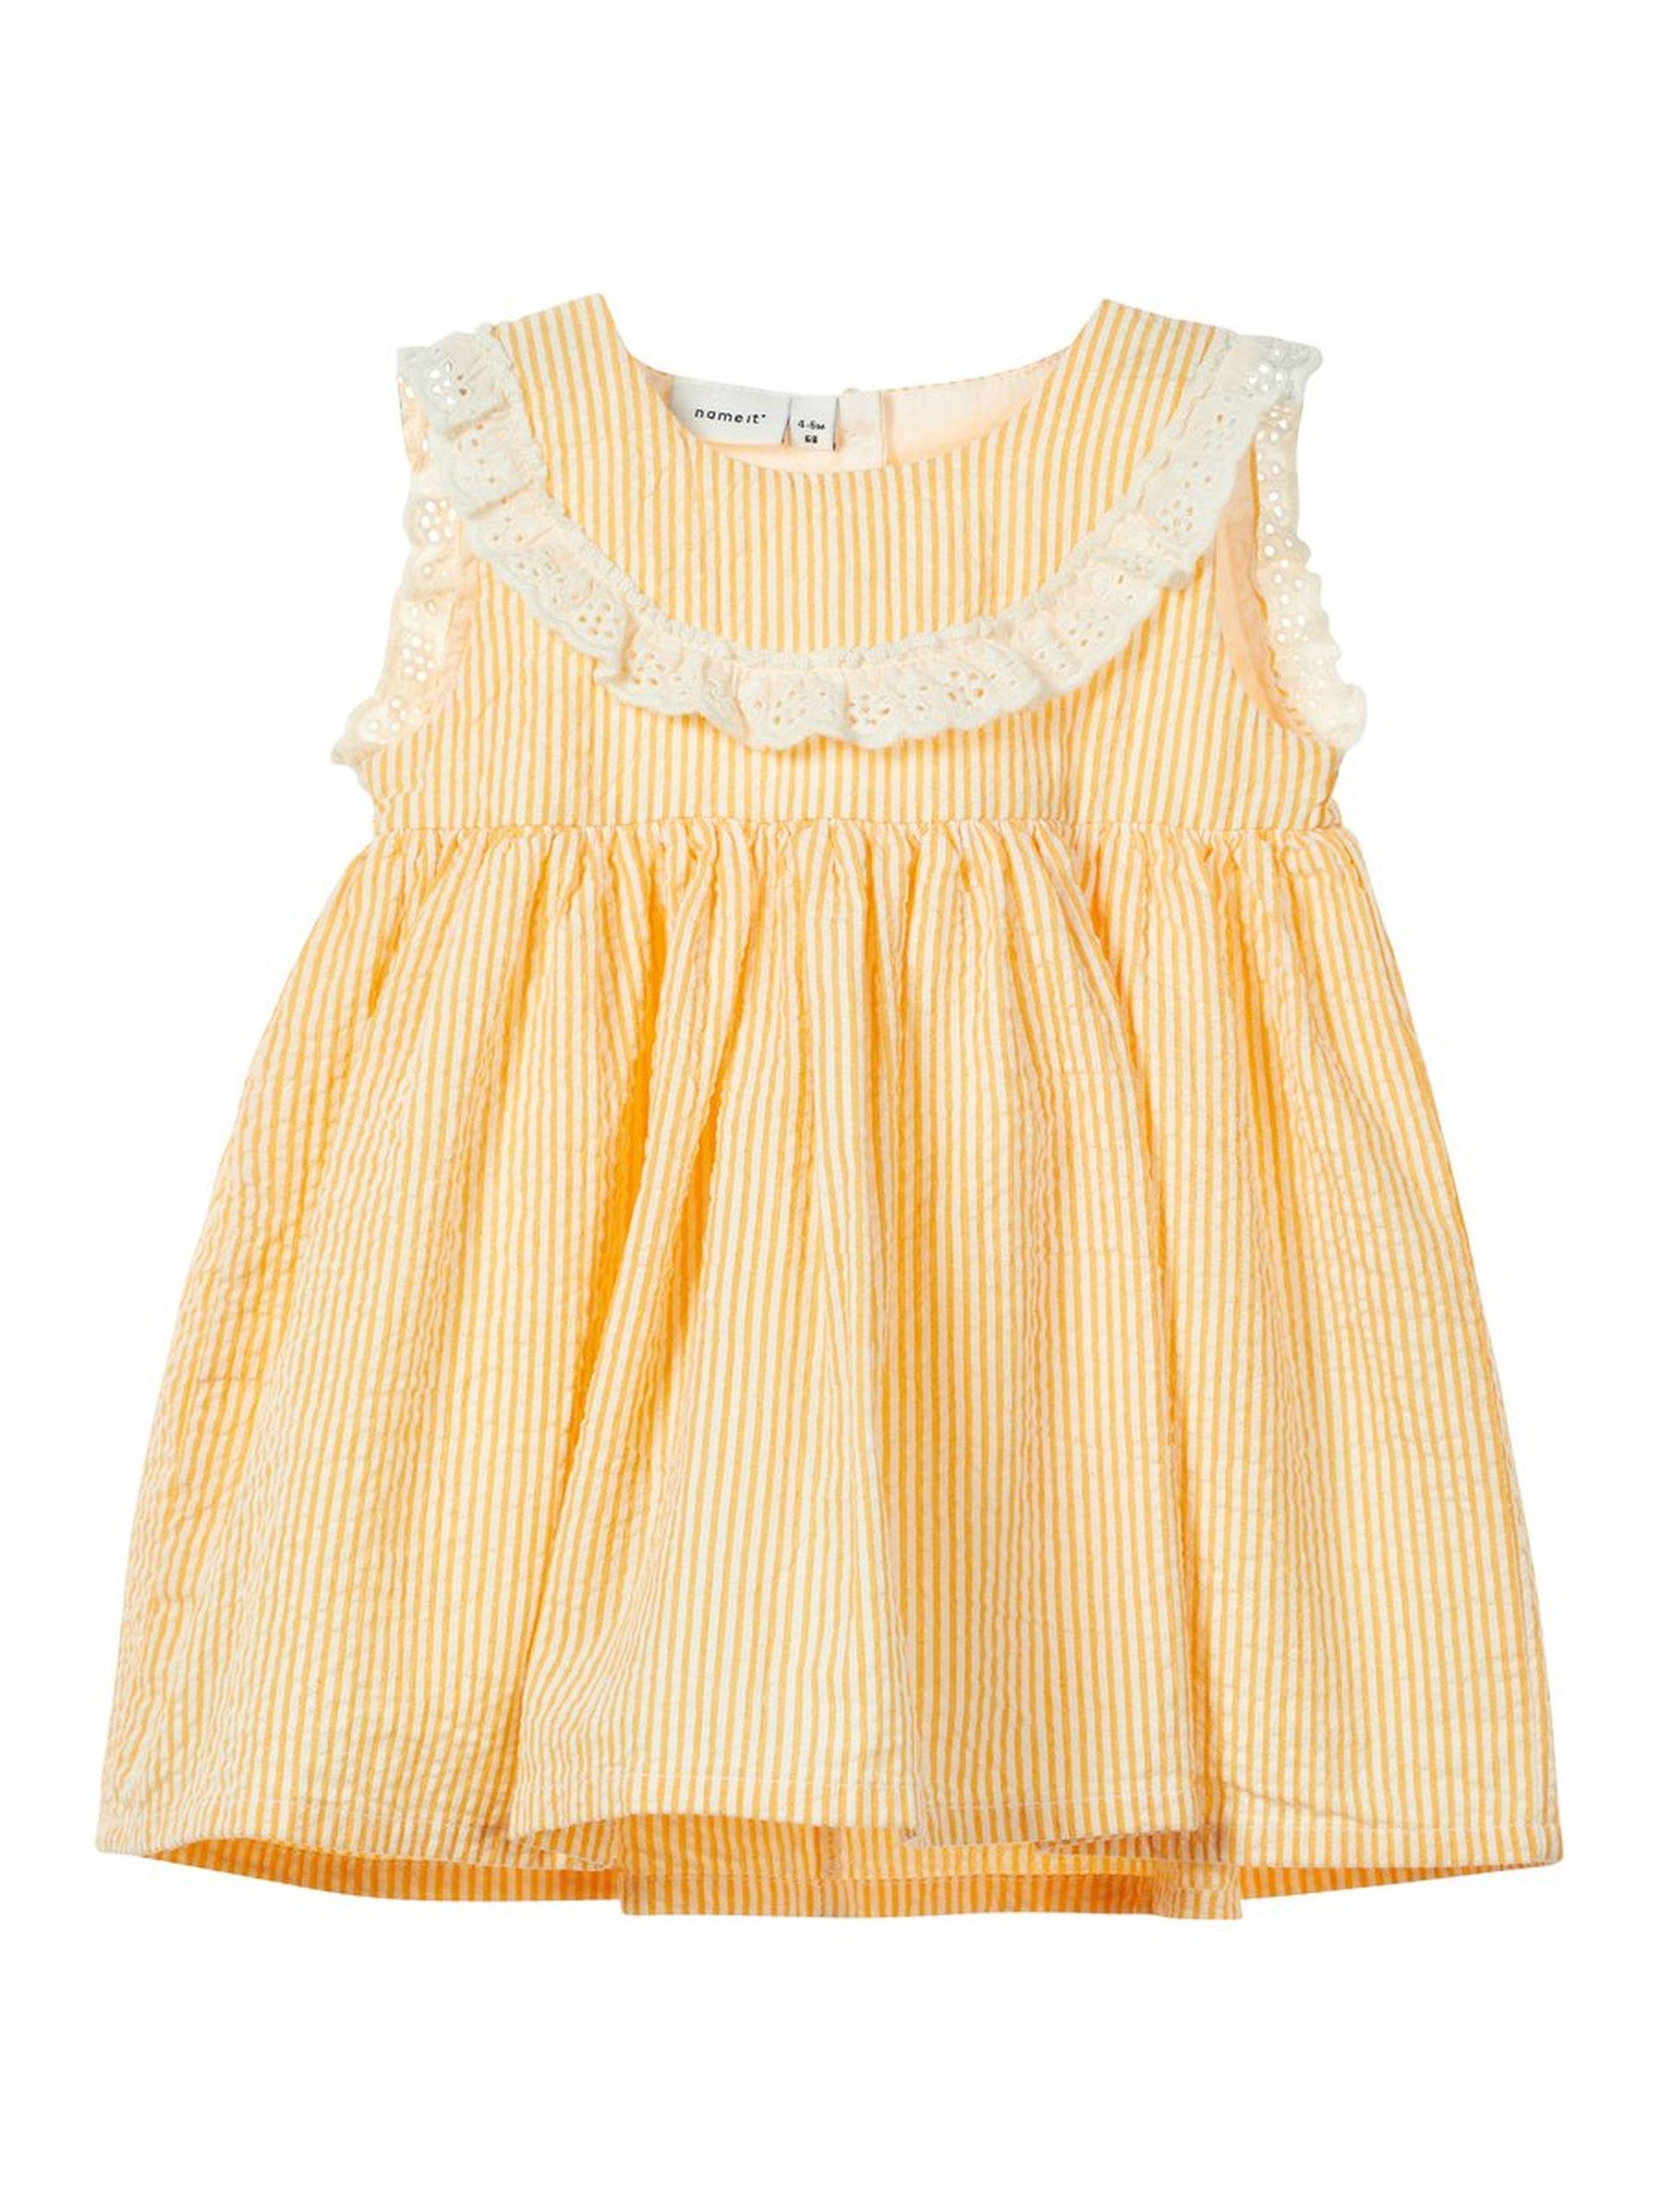 13ee27ce Gul sommerkjole baby, gul kjole til barn fra Name It. Sommerkjole ...